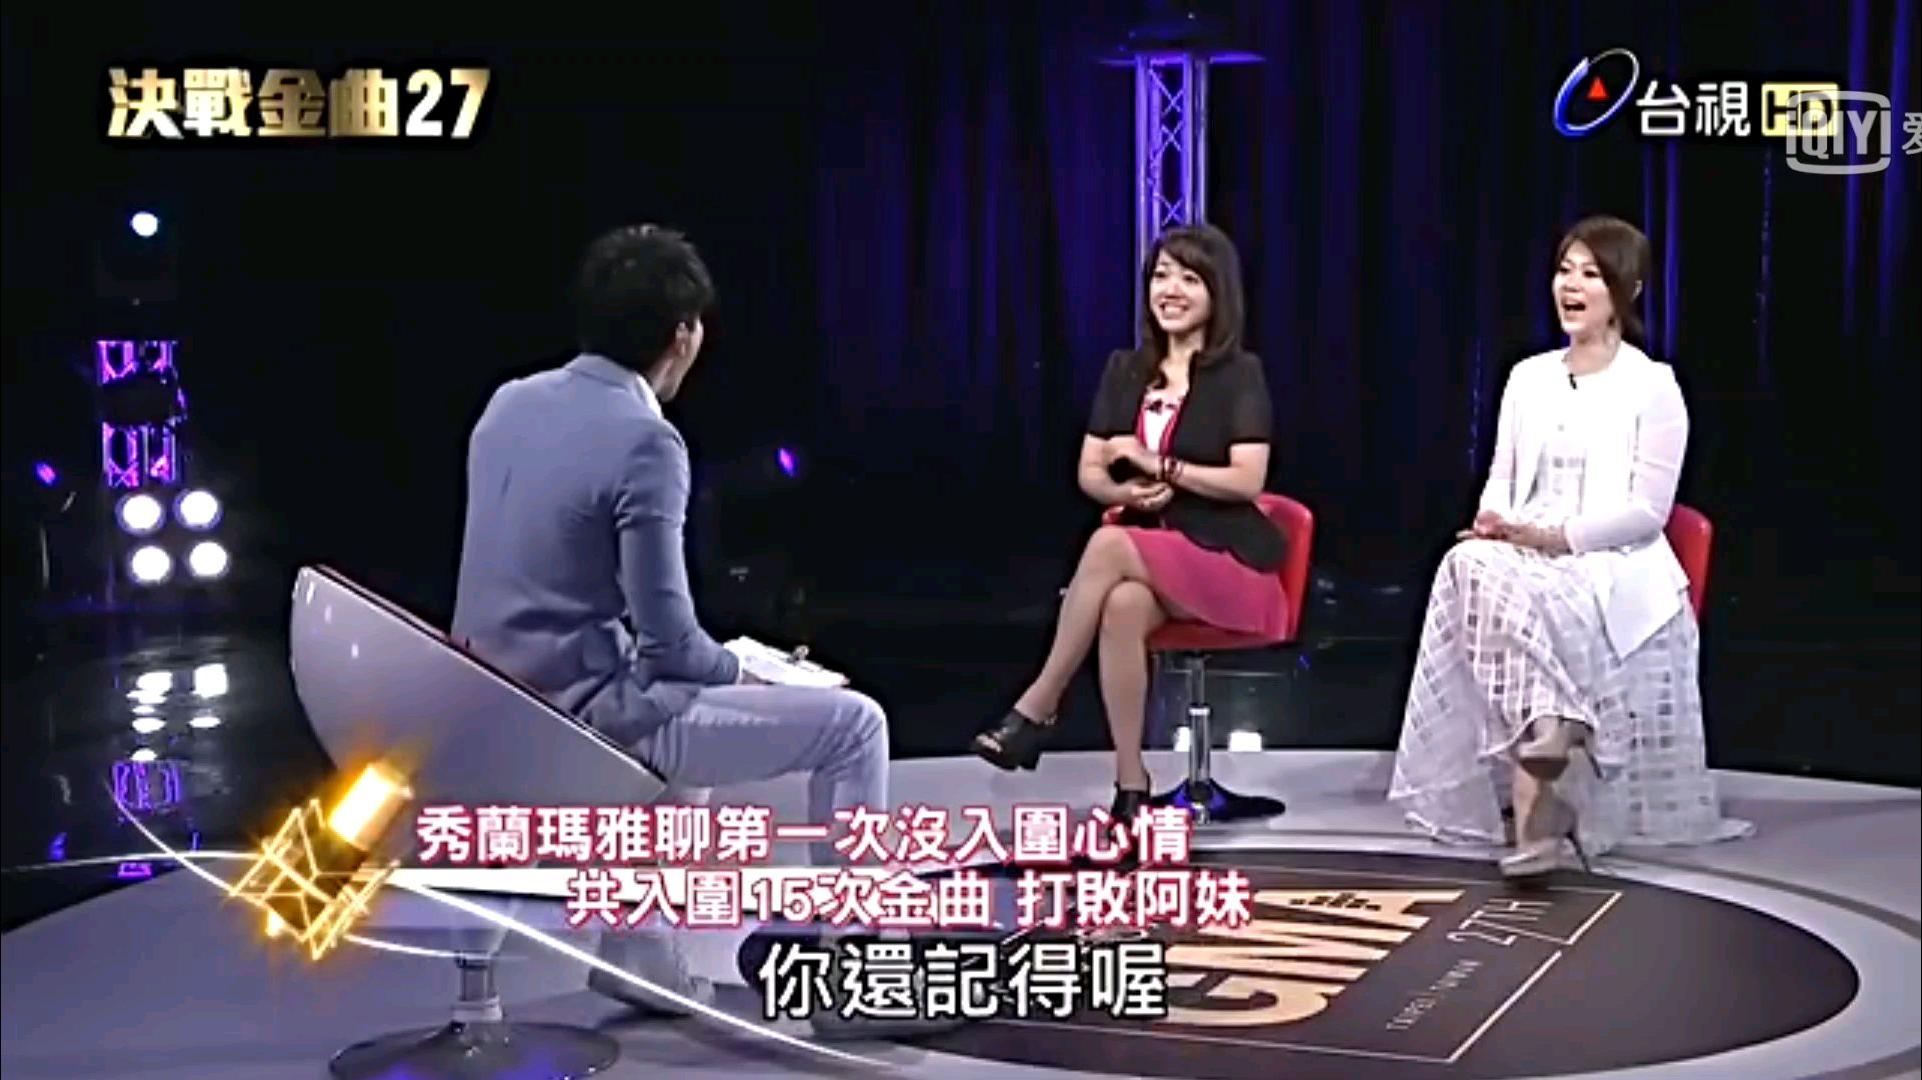 决战金曲27 第五期 最佳台语女歌手与专辑奖